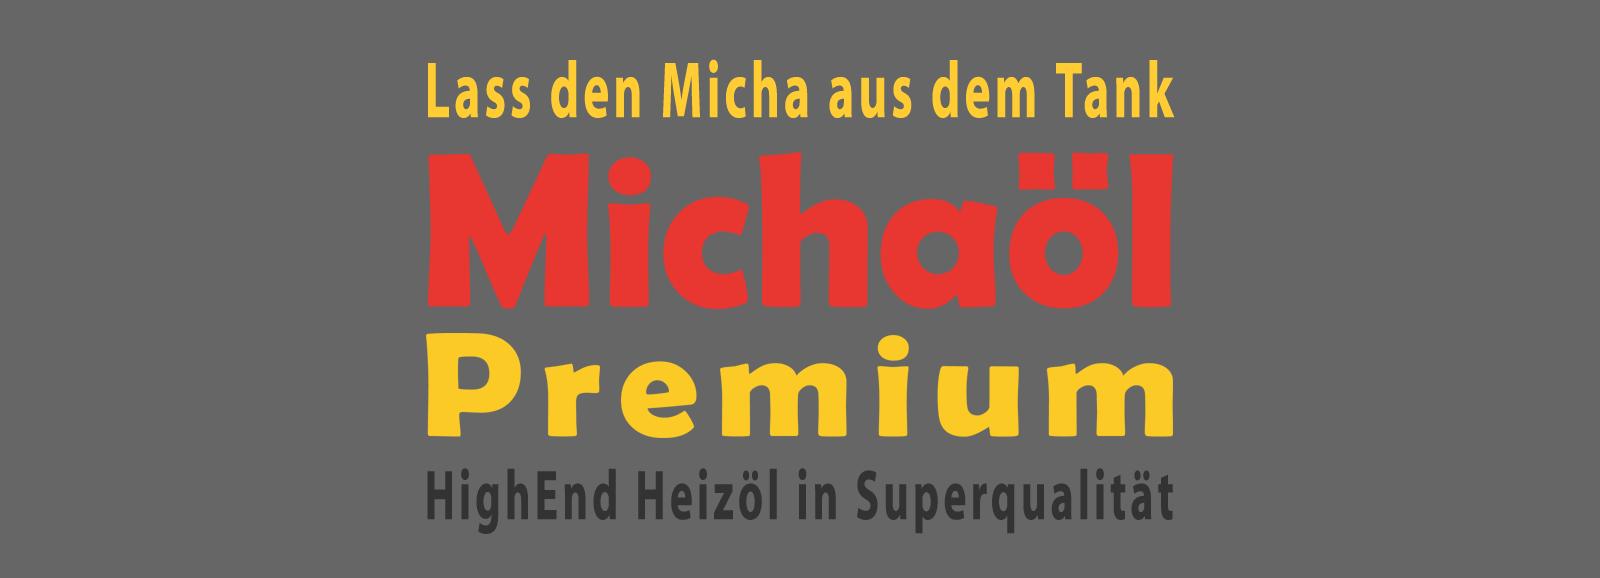 Lass den Micha aus dem Tank: Michaöl Premium Kornwestheim HighEnd Heizöl in Superqualität